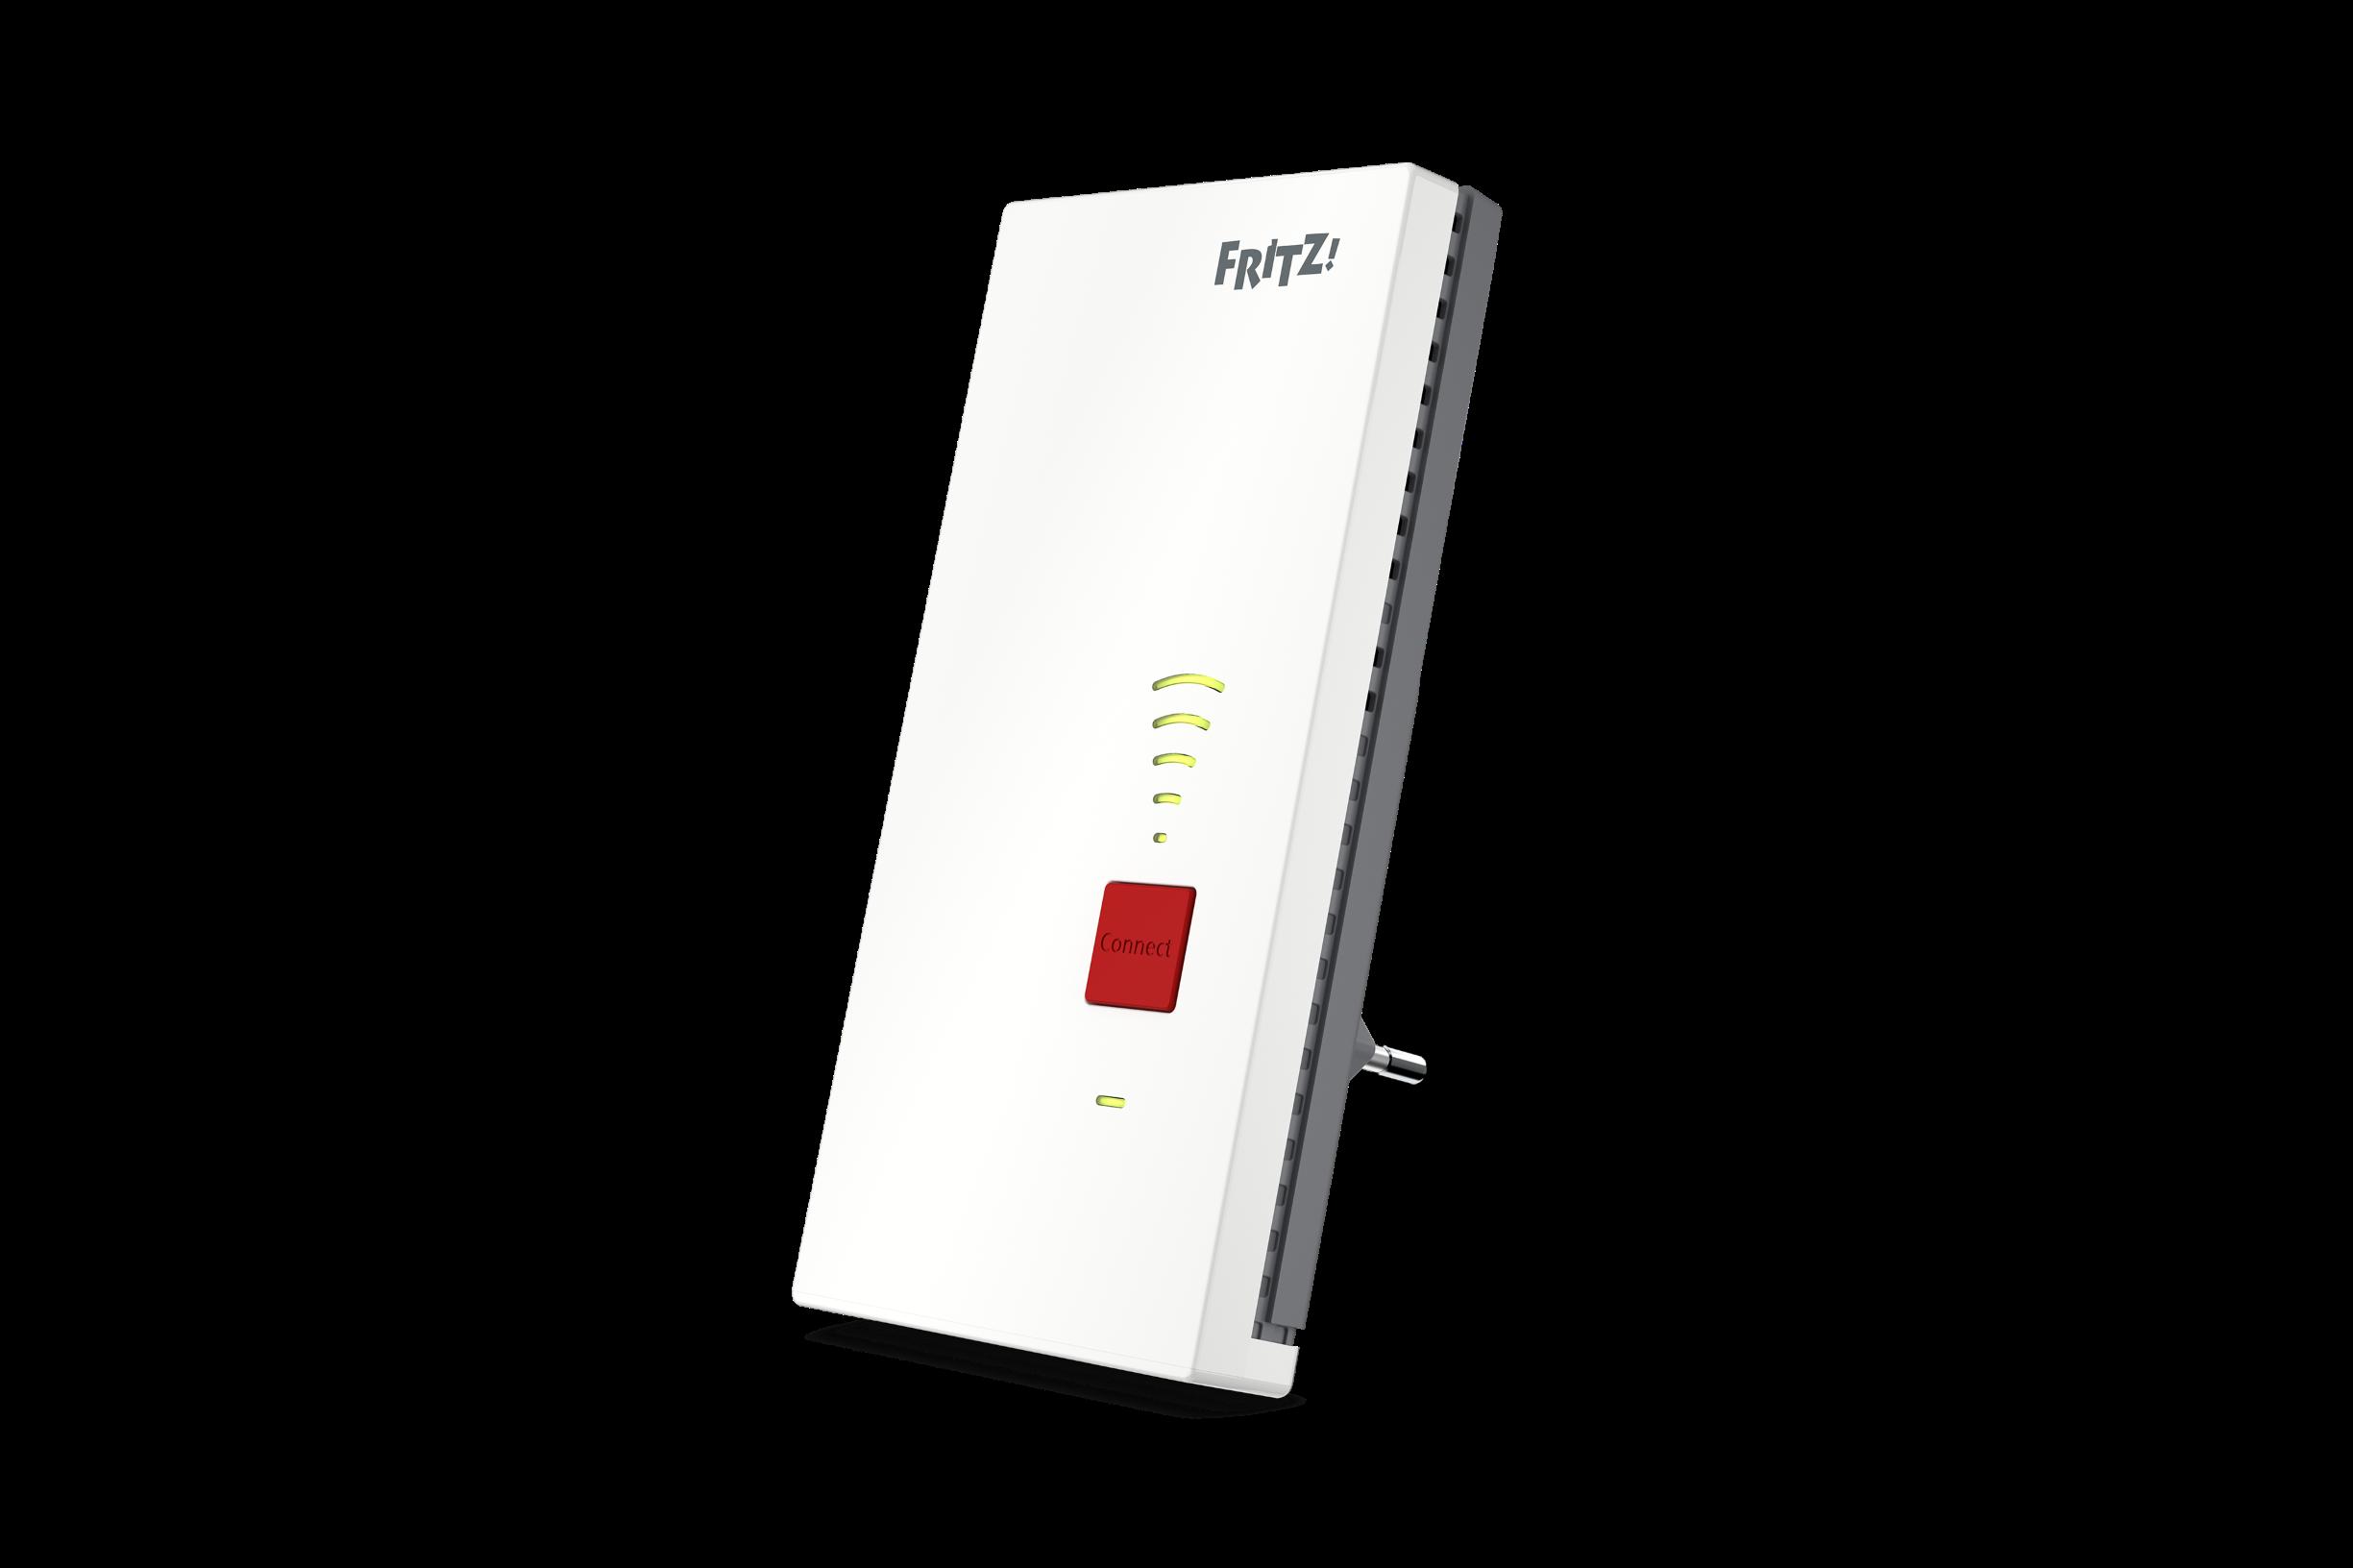 FRITZ! prezentuje nowy repeater obsługujący zarówno 5 GHz i 2,4 GHz